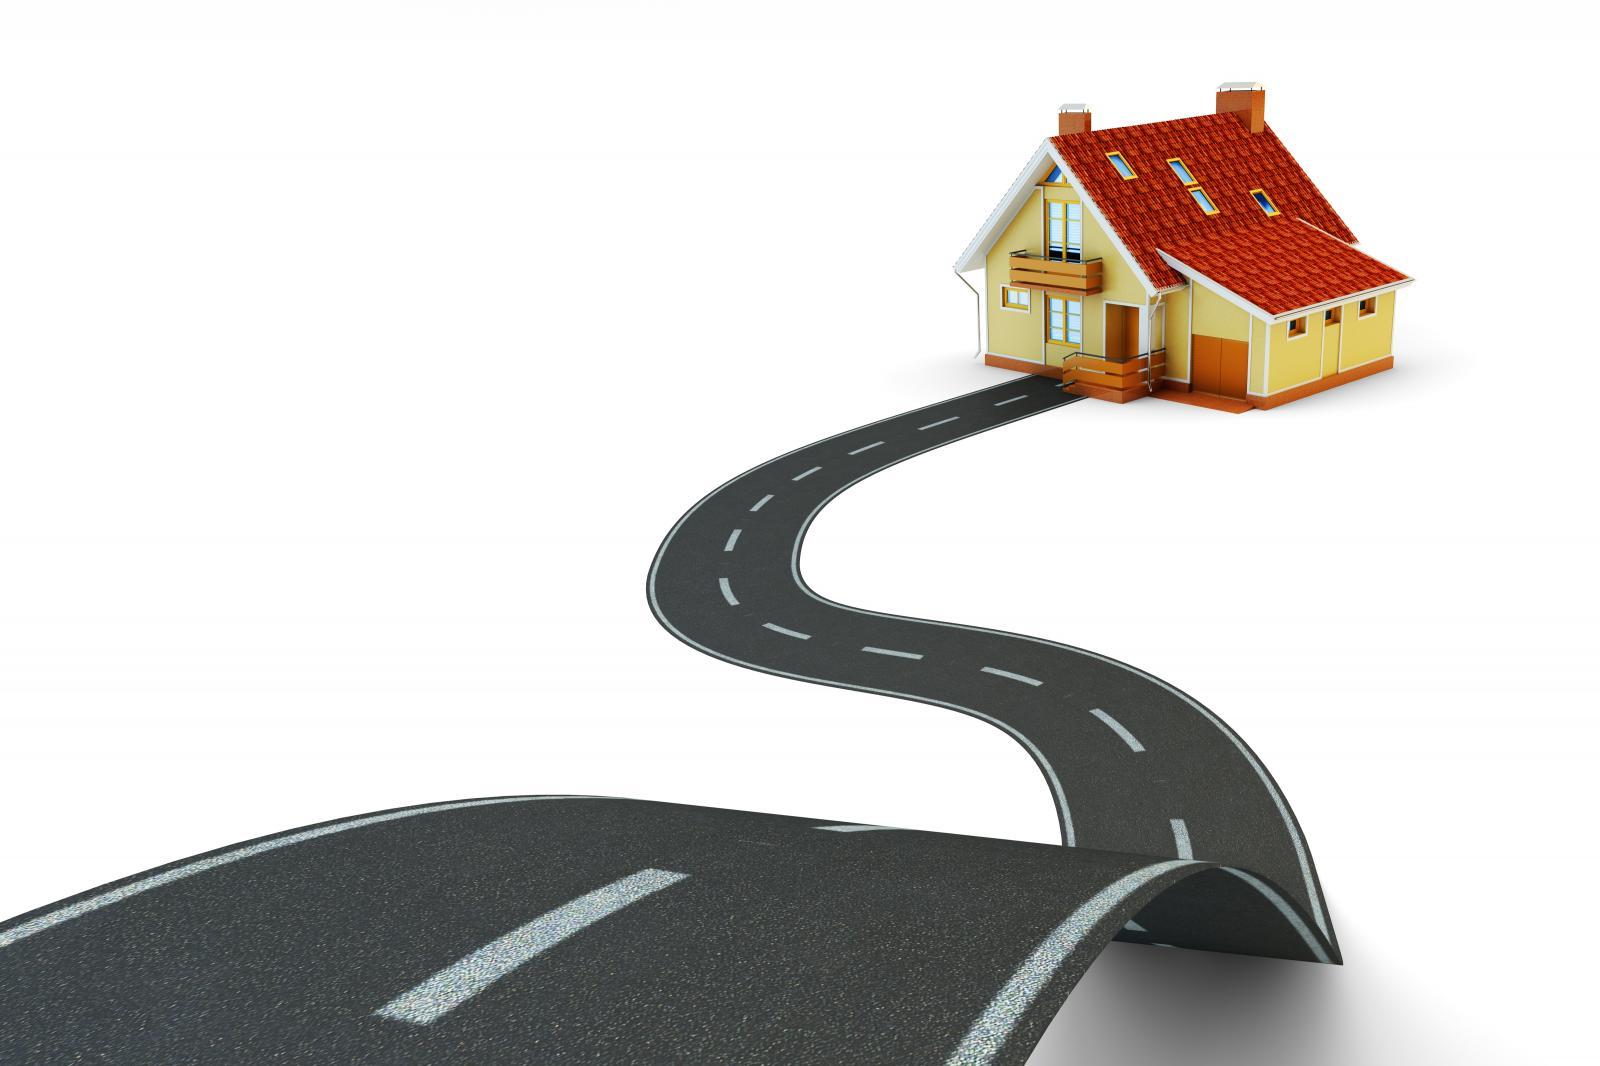 Hình ảnh con đường và ngôi nhà mái đỏ